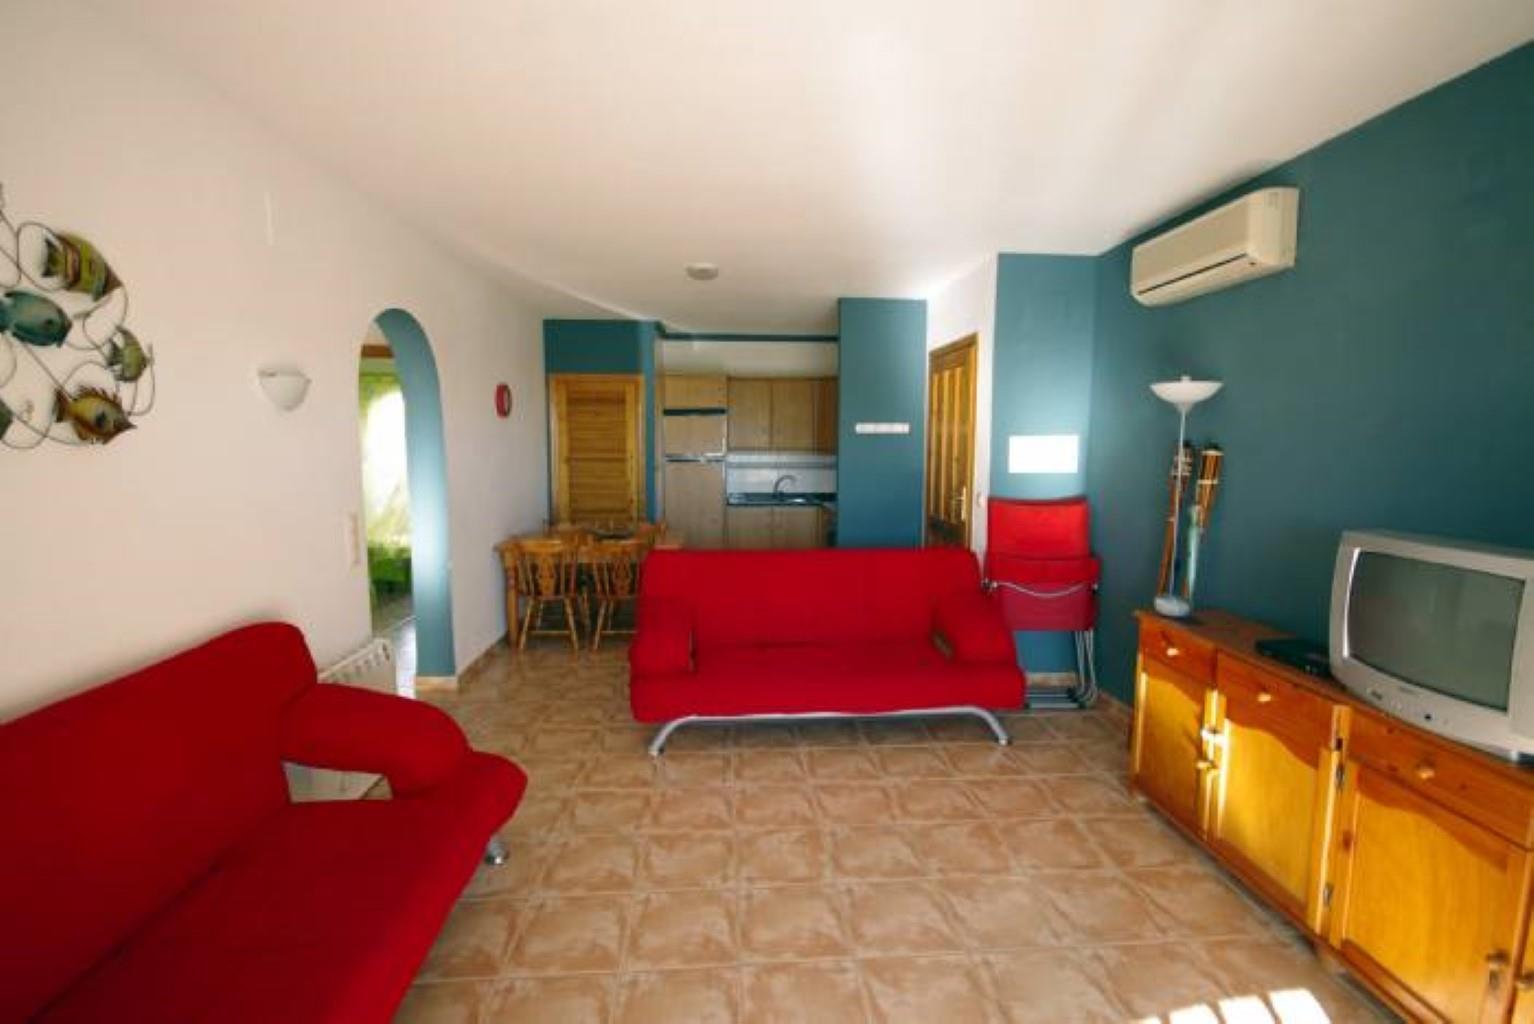 Appartement - Benitachell - #2196905-2